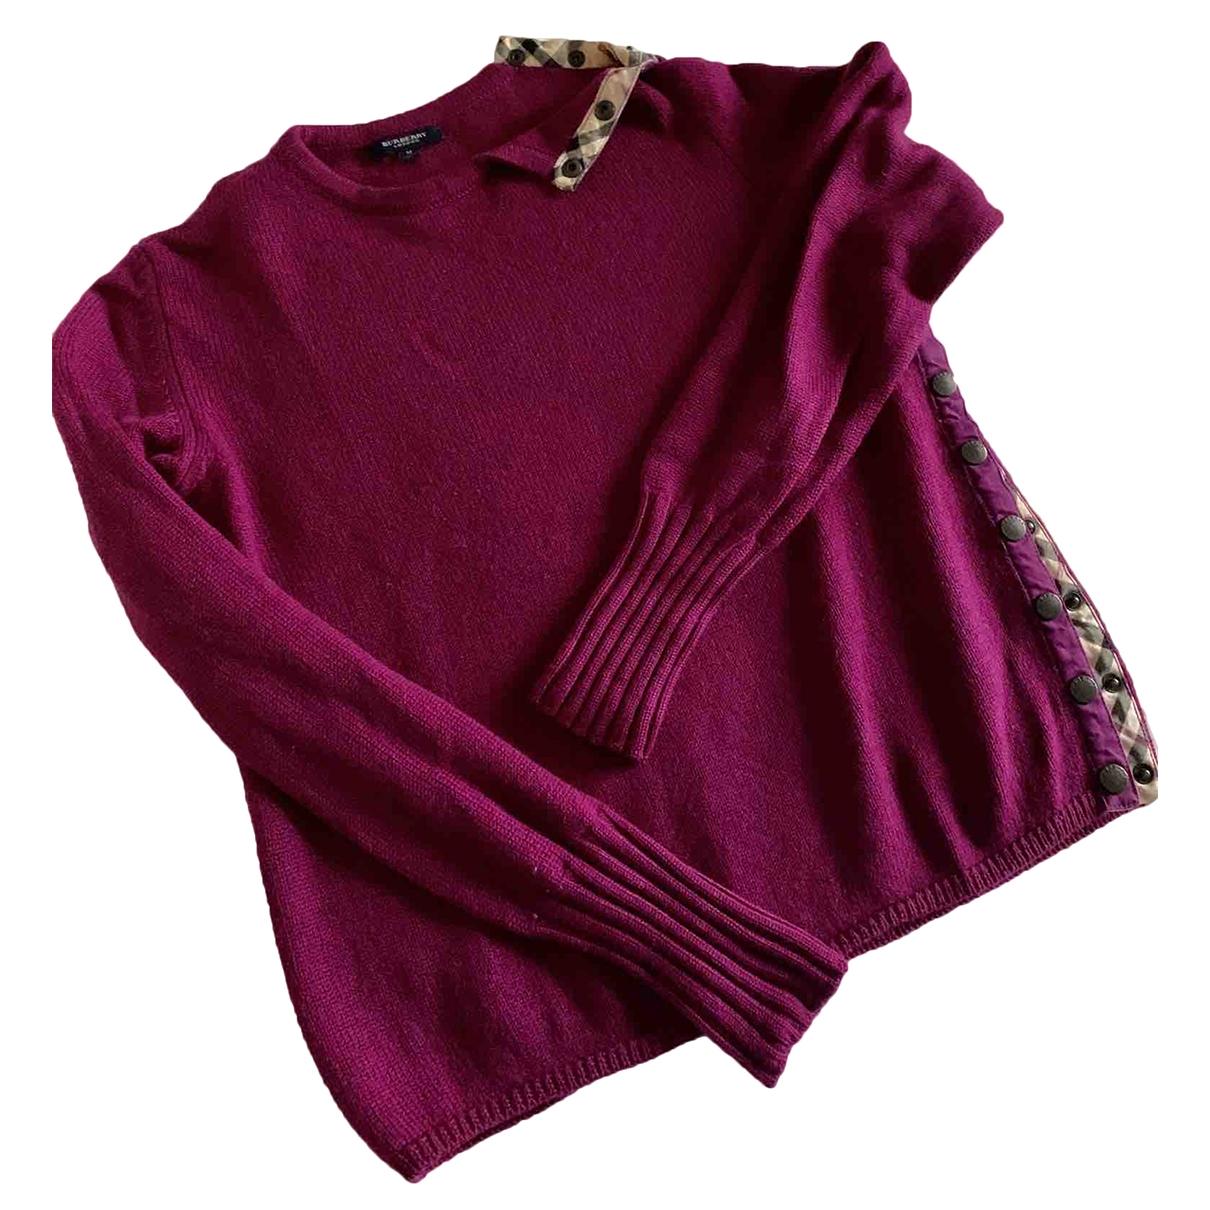 Burberry - Pull   pour femme en laine - violet